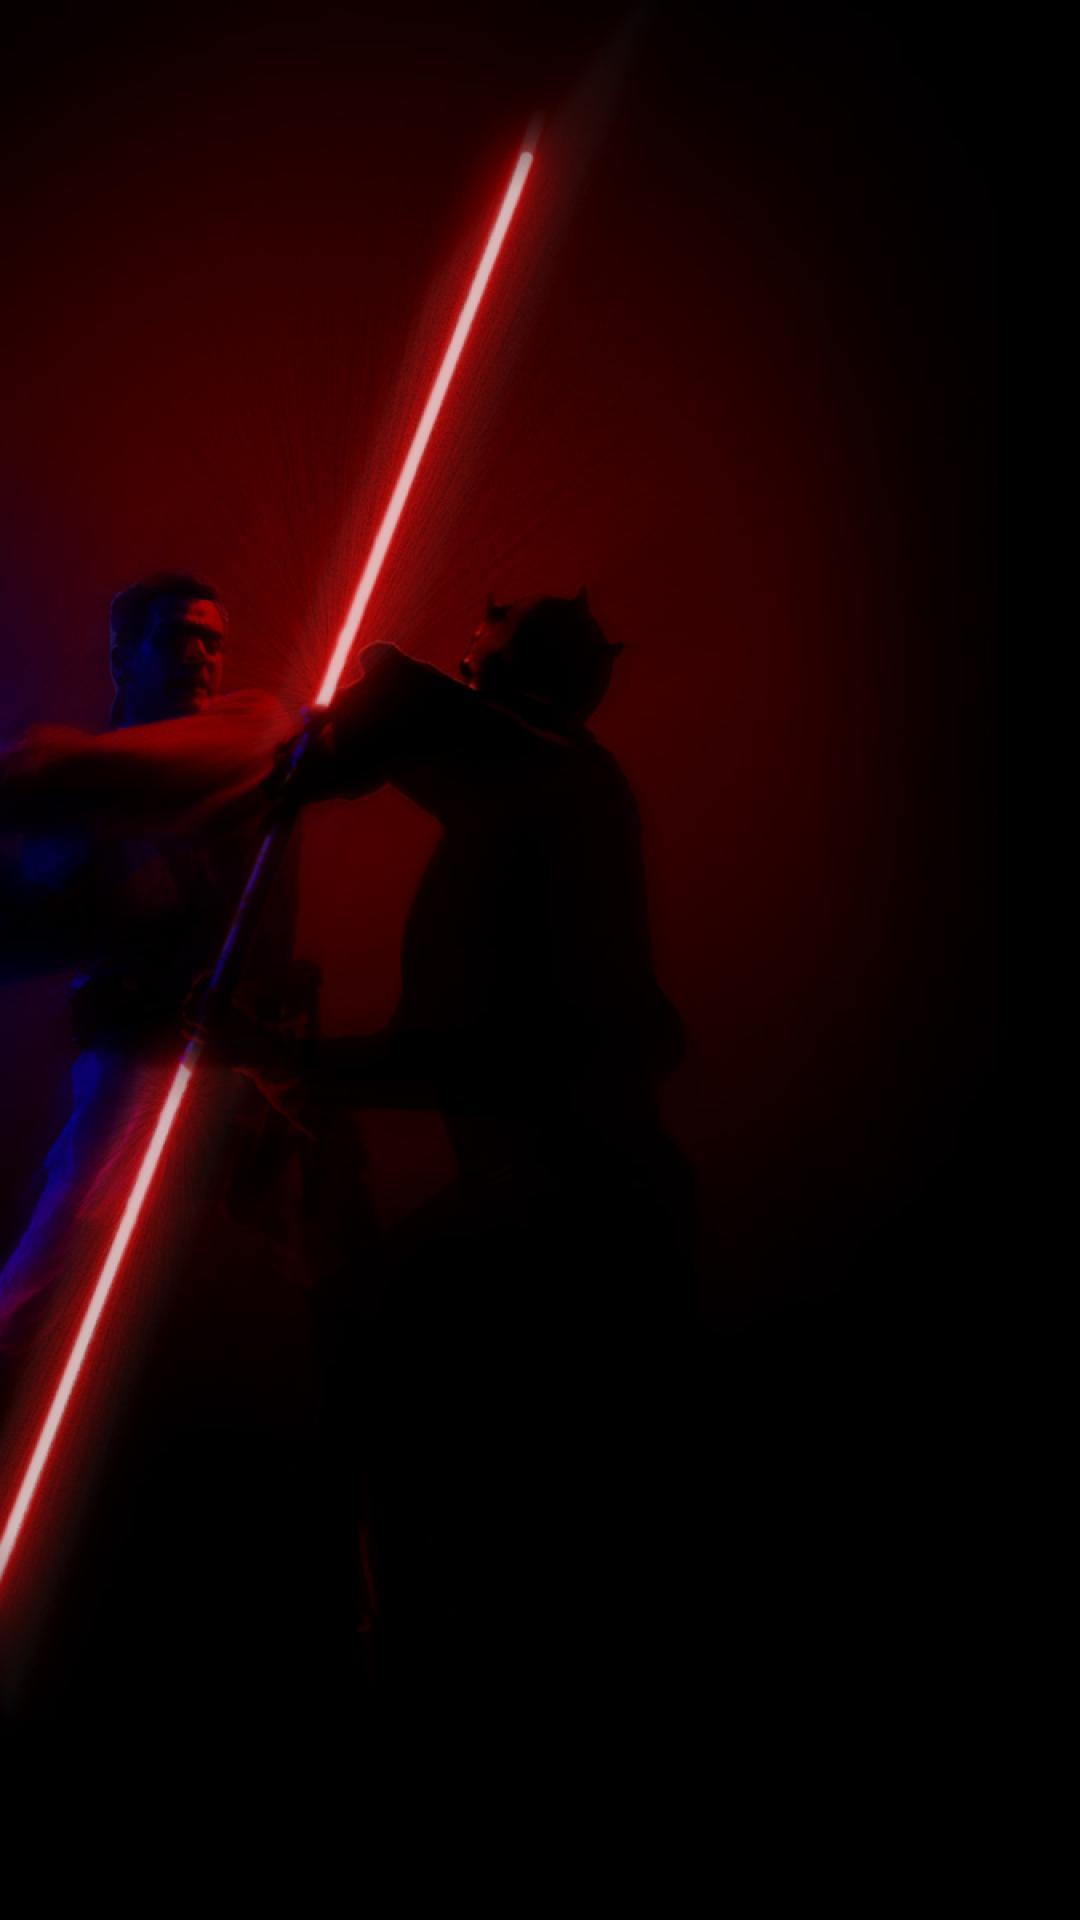 star wars fight darth maul lightsabers obi wan kenobi HD Wallpaper of 1080x1920